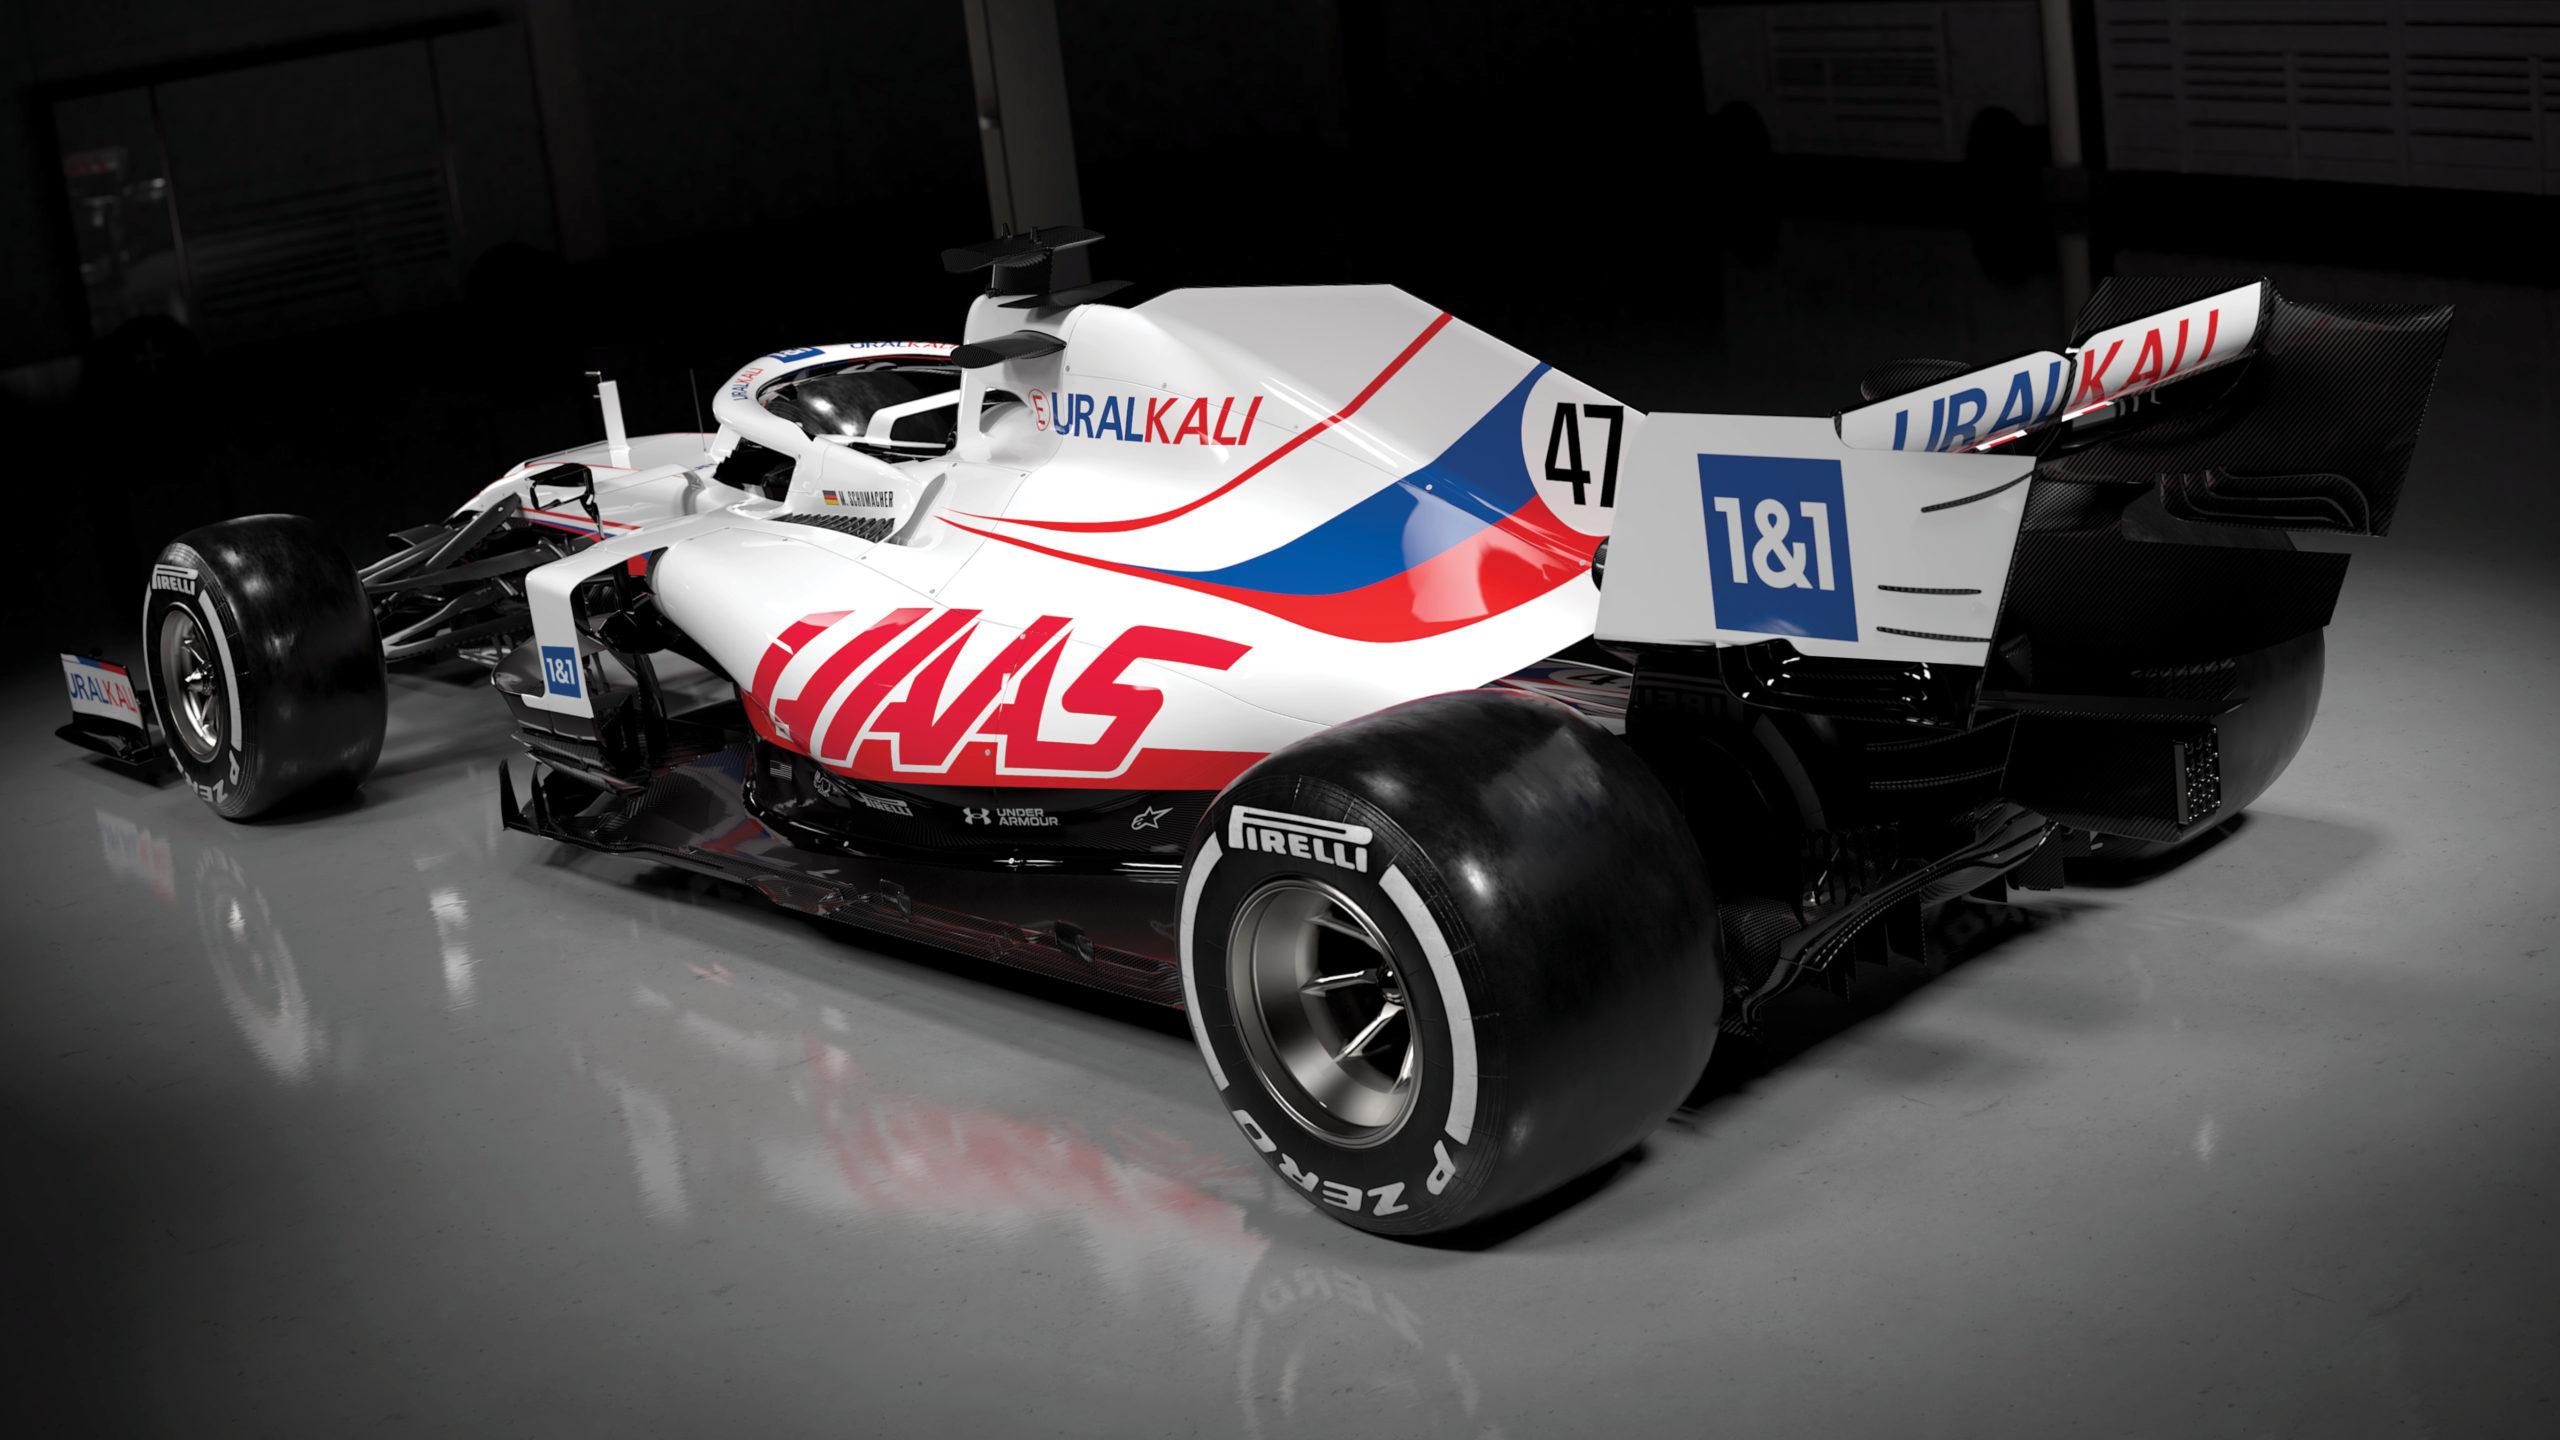 F1 Formula 1 Haas Nikita Mazepin Russia